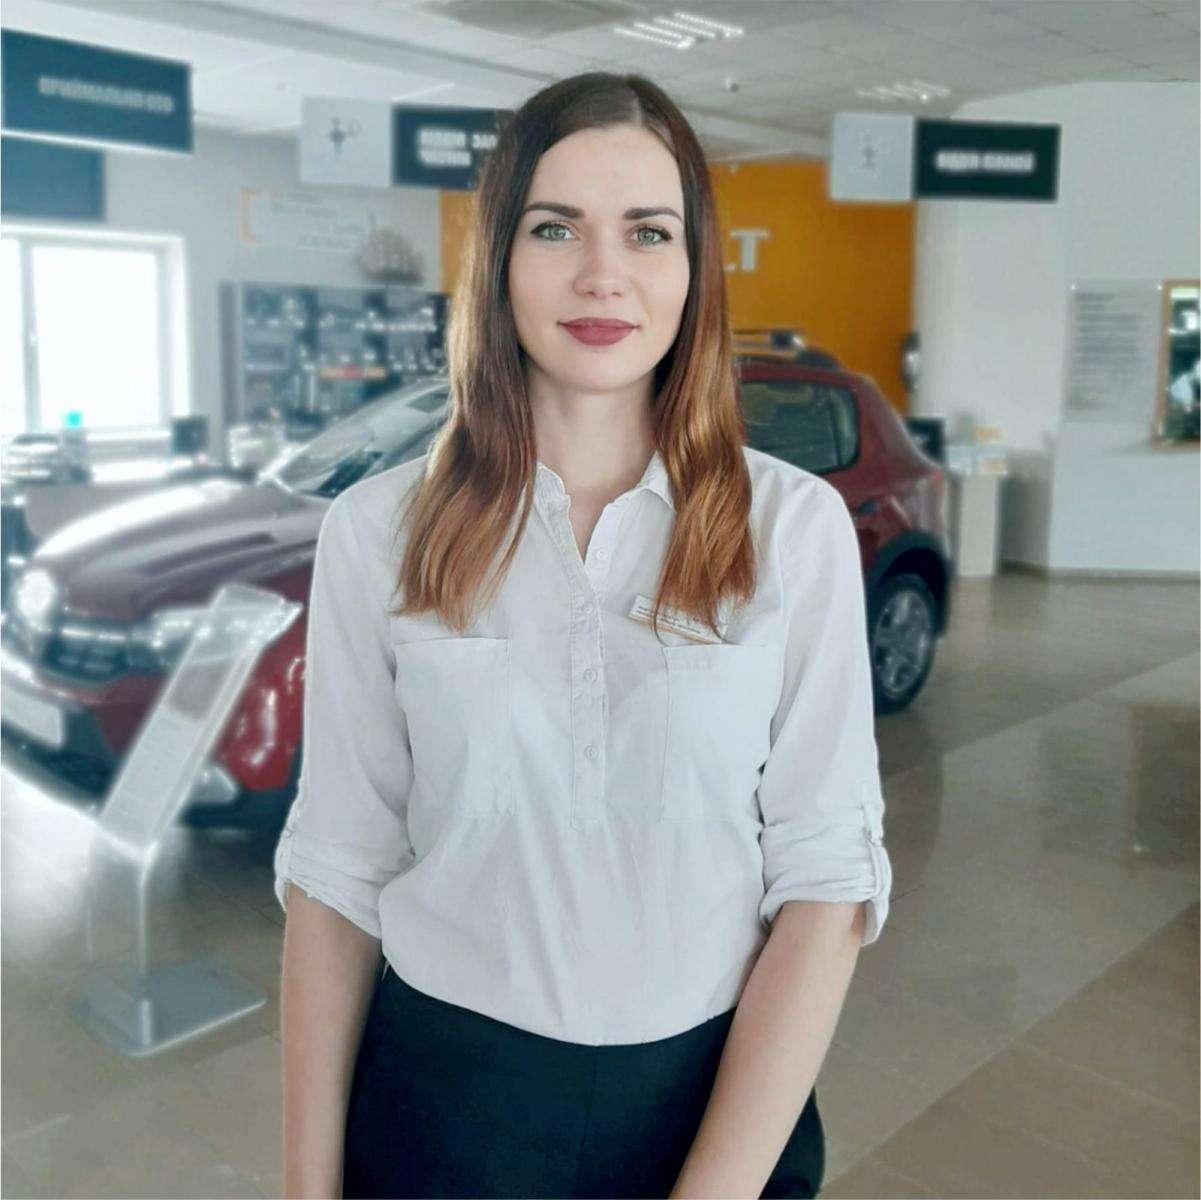 Анастасія Свистун – менеджер з продажу